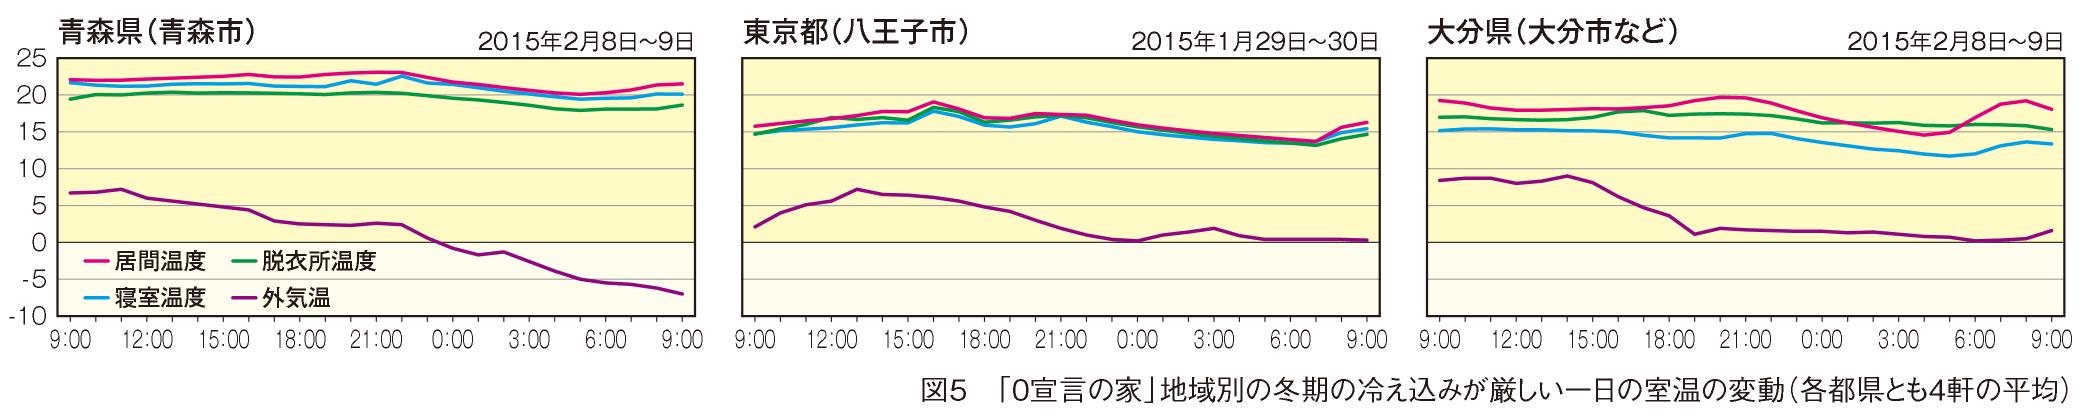 一日の室内温度の変動が少ない